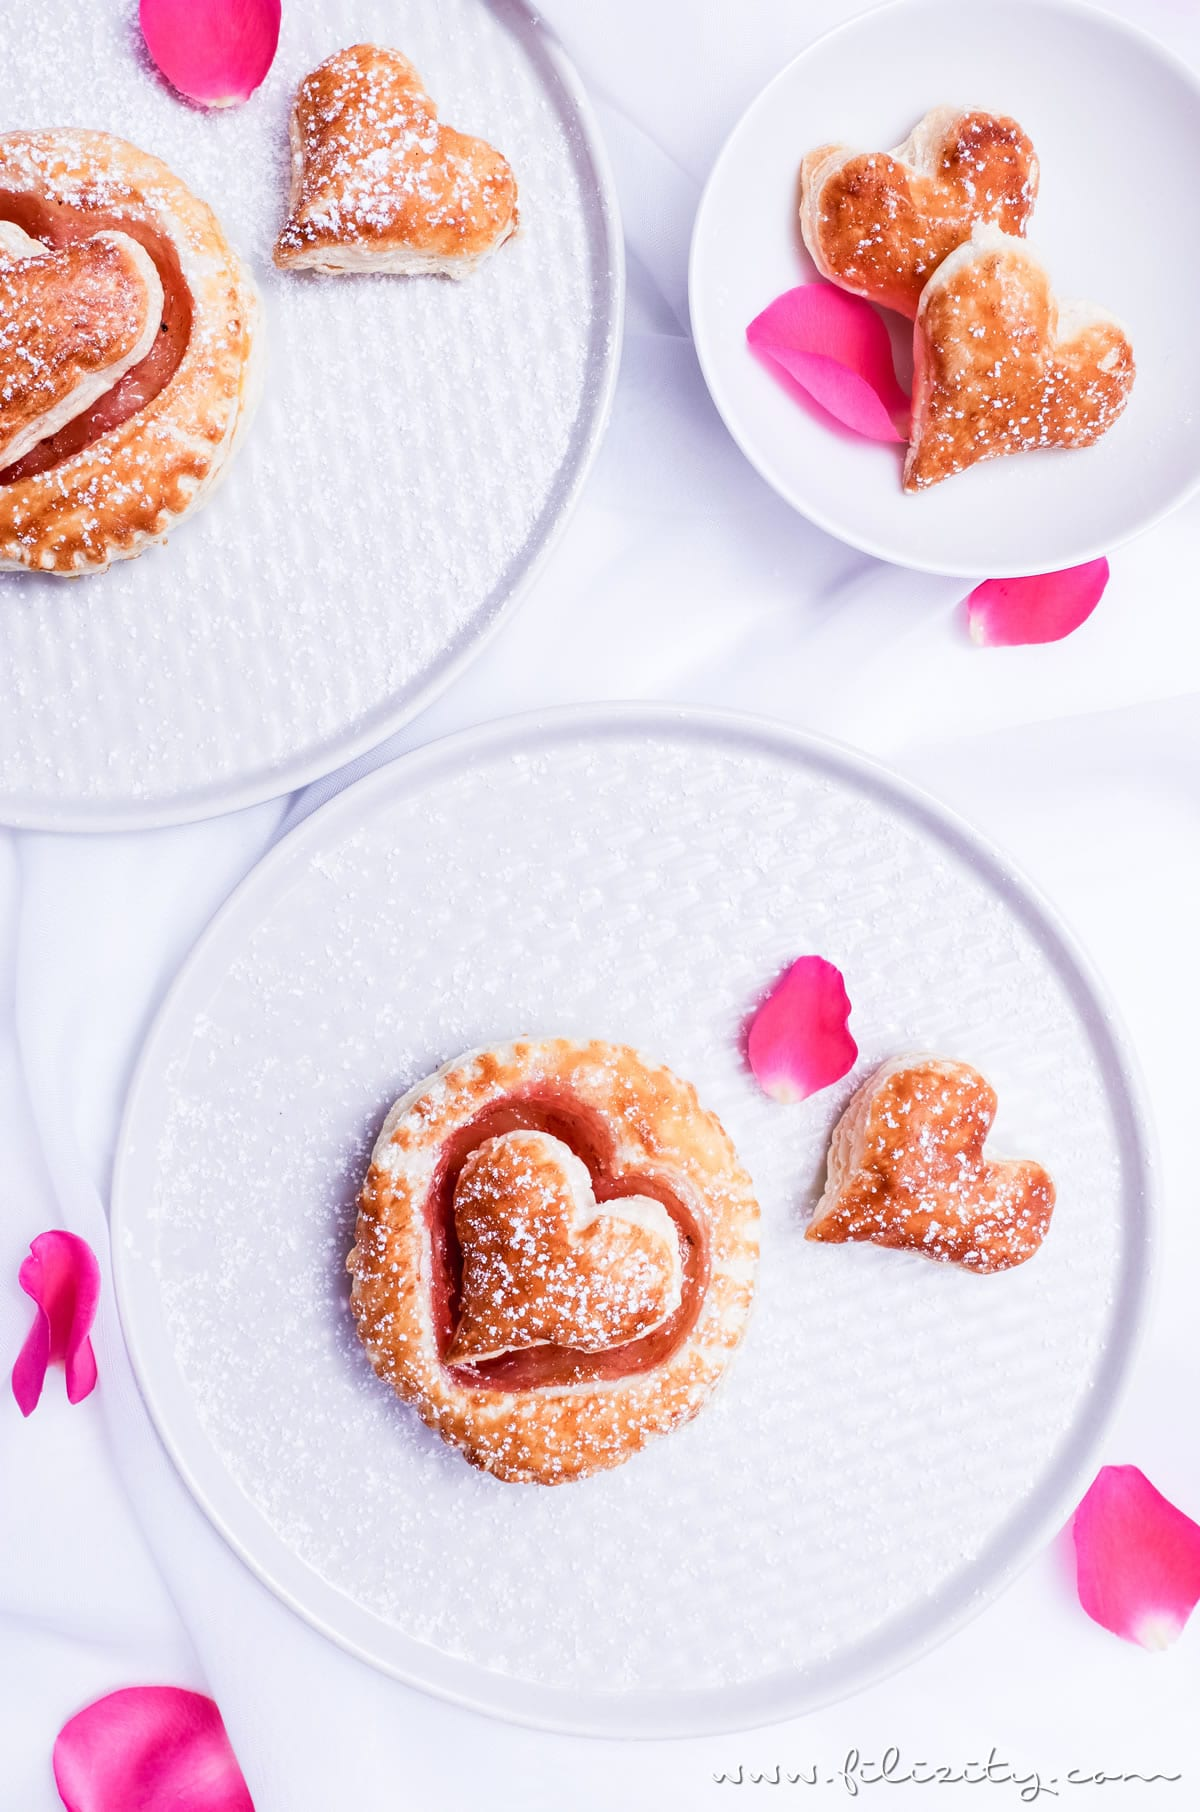 Rezept für Schnelle Blätterteig-Herzen mit Marmelade | Teilchen backen ganz einfach und perfekt für Valentinstag, Muttertag und Hochzeitsfeiern | Filizity.com | Food-Blog aus dem Rheinland #valentinstag #muttertag #hochzeit